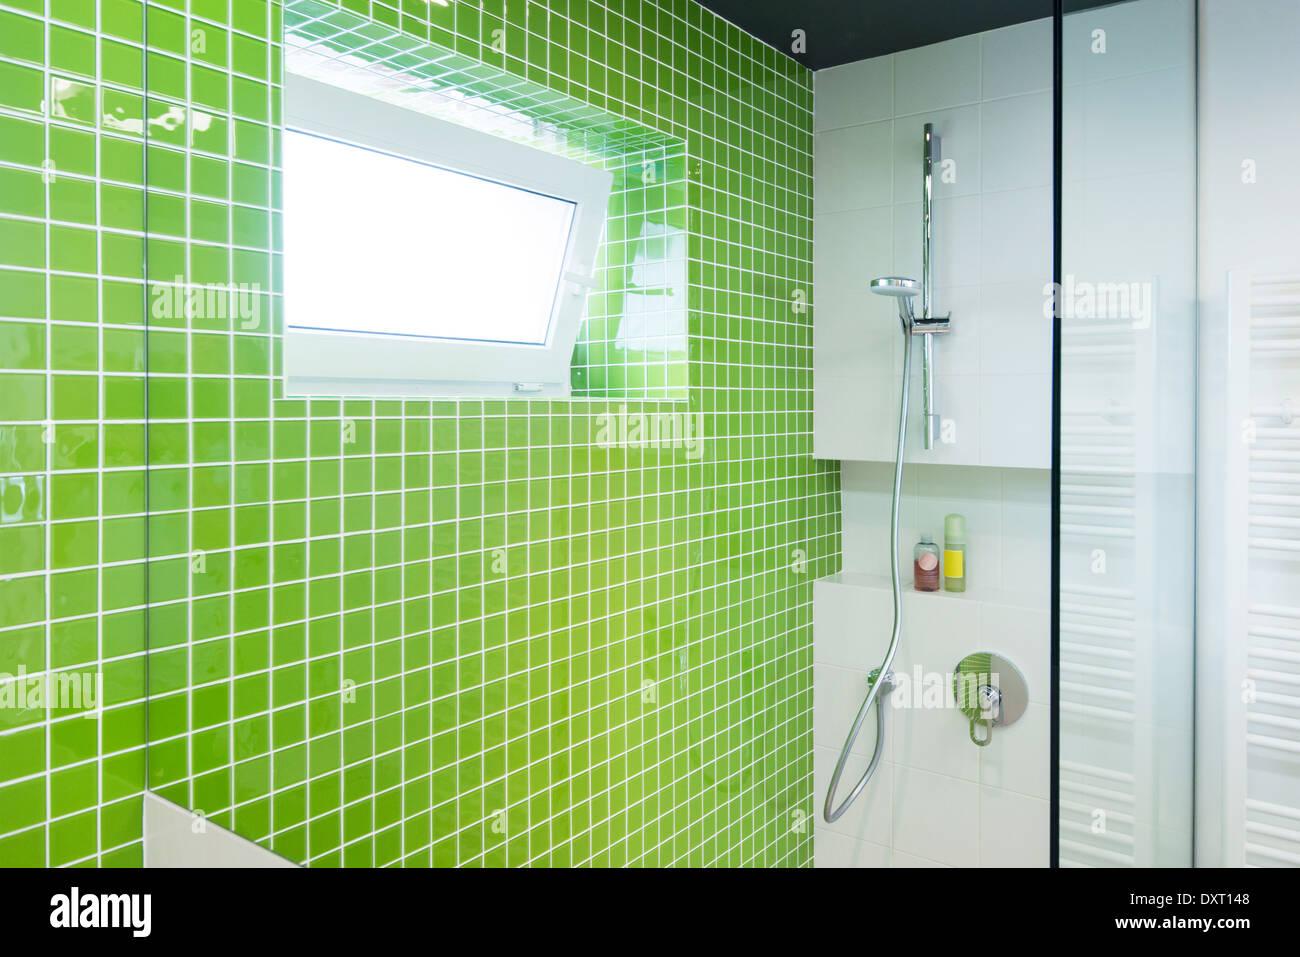 Grün Weiße Fliesen Innen Stockfotos & Grün Weiße Fliesen ...